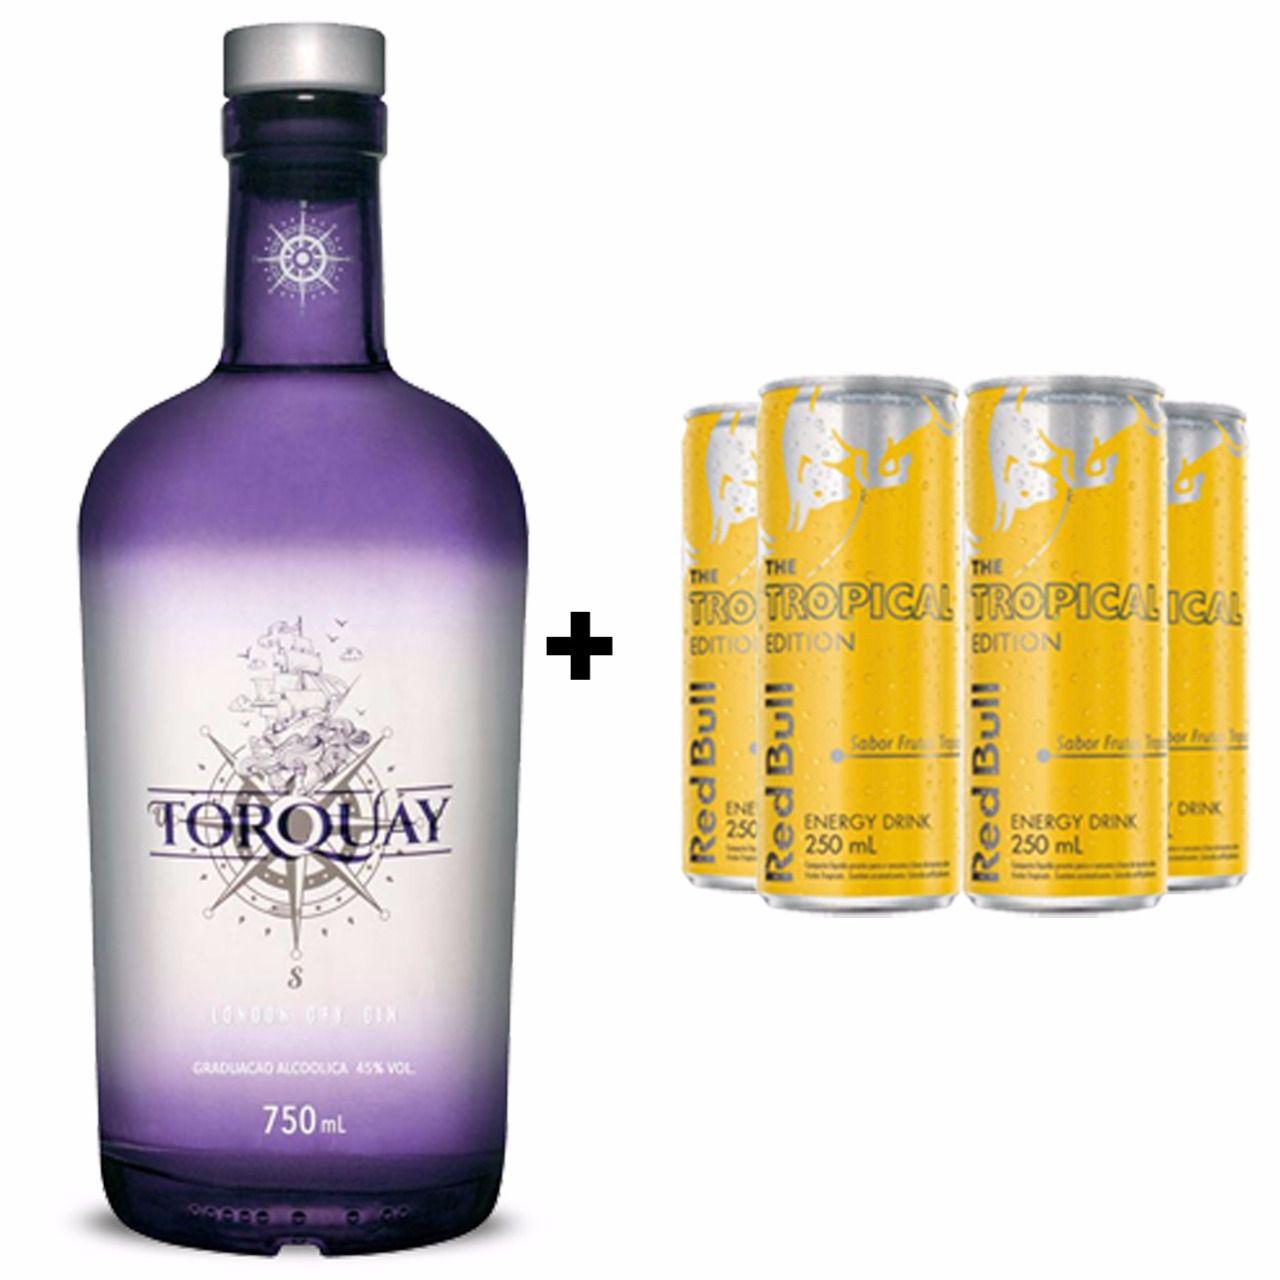 Kit Gin Torquay 750ml + Red Bull Tropical 250ml  - DQ Comércio